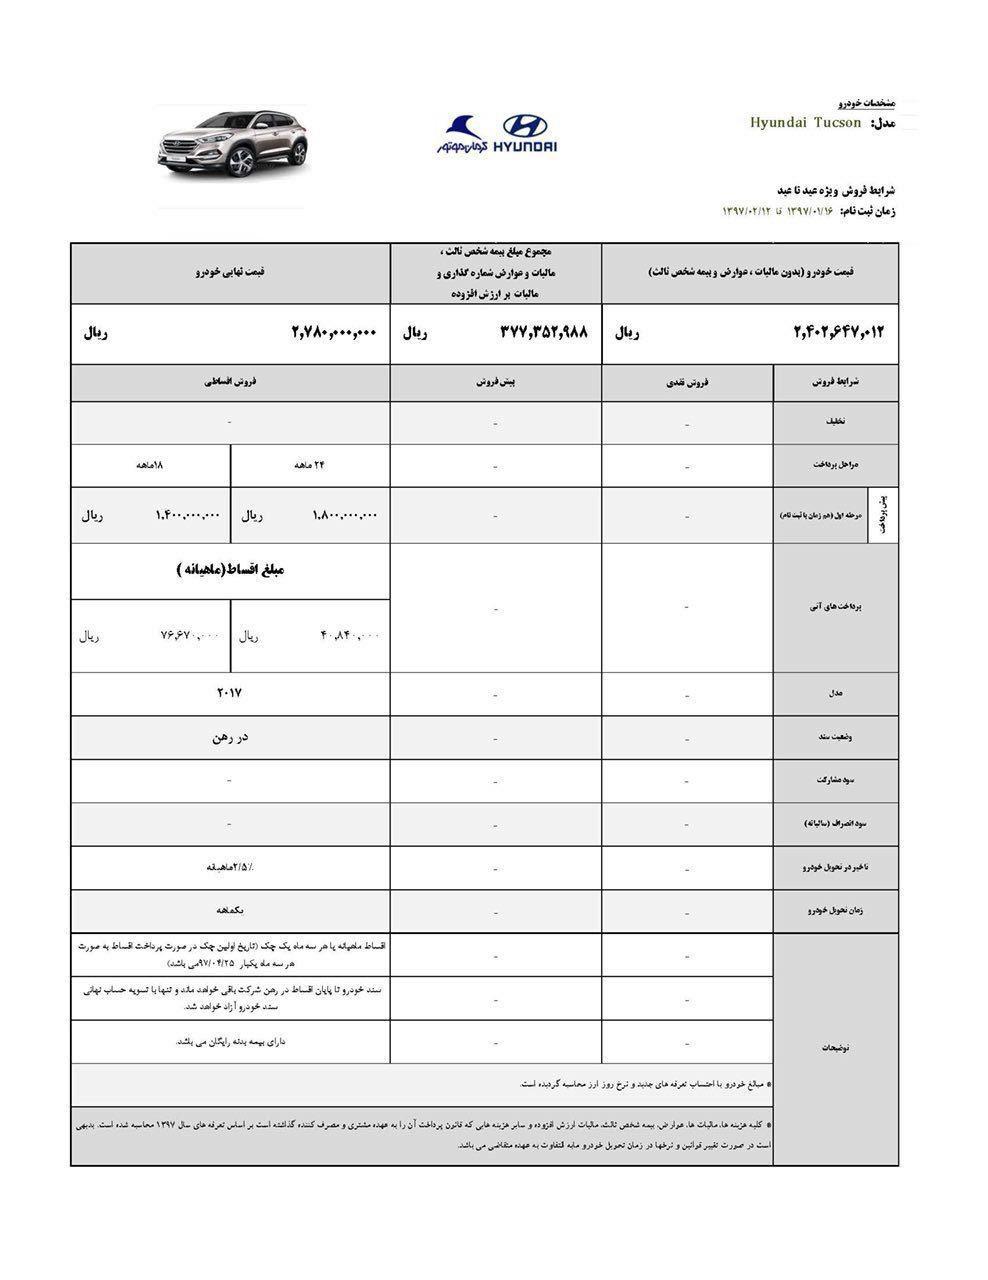 شرایط فروش اقساطی هیوندای توسان ویژه عید تا عید